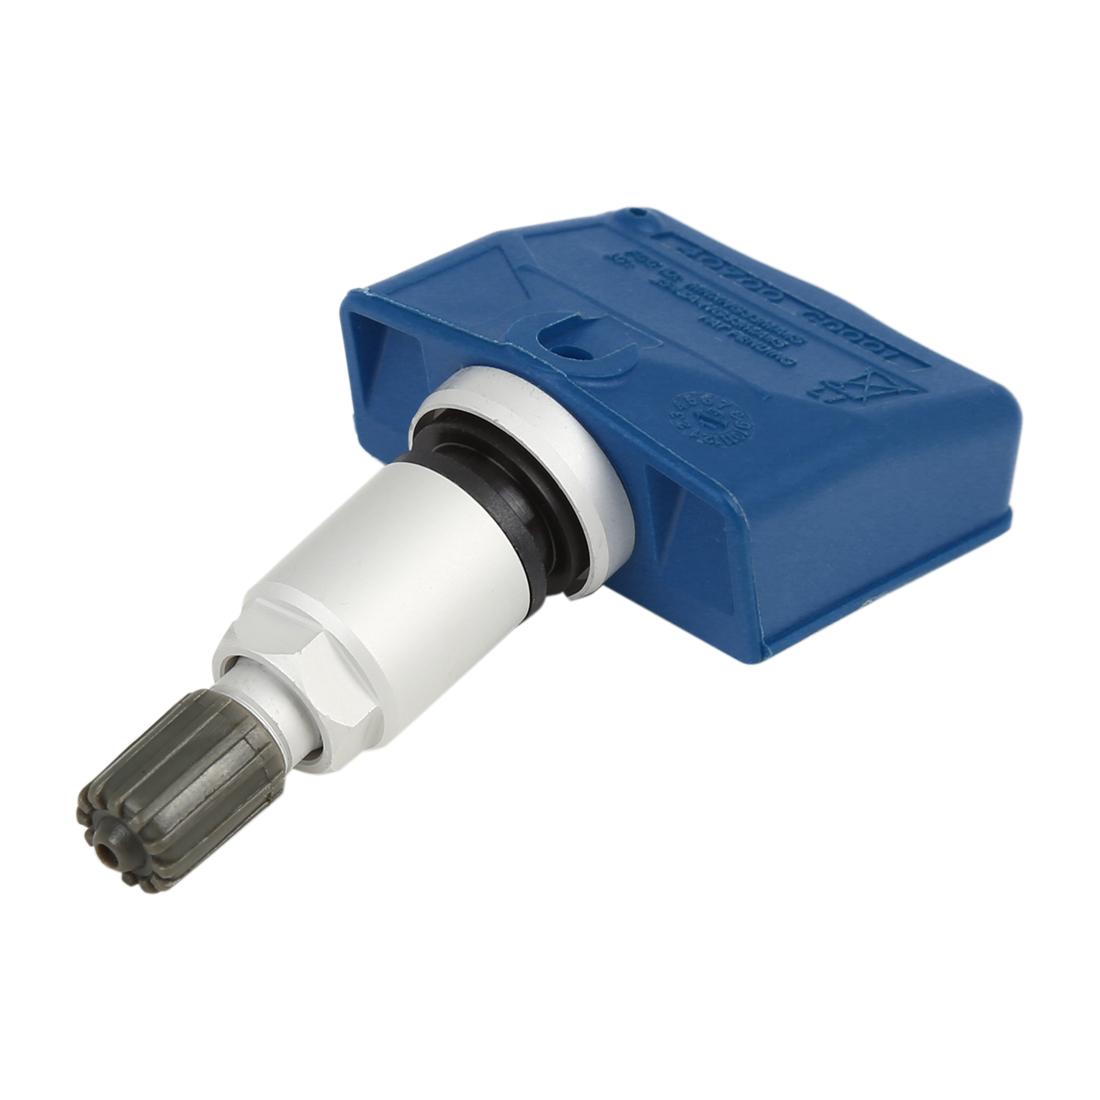 40700CD001 40700JA02B Car Tyre Pressure Sensor TPMS 315MHz for Infiniti M35